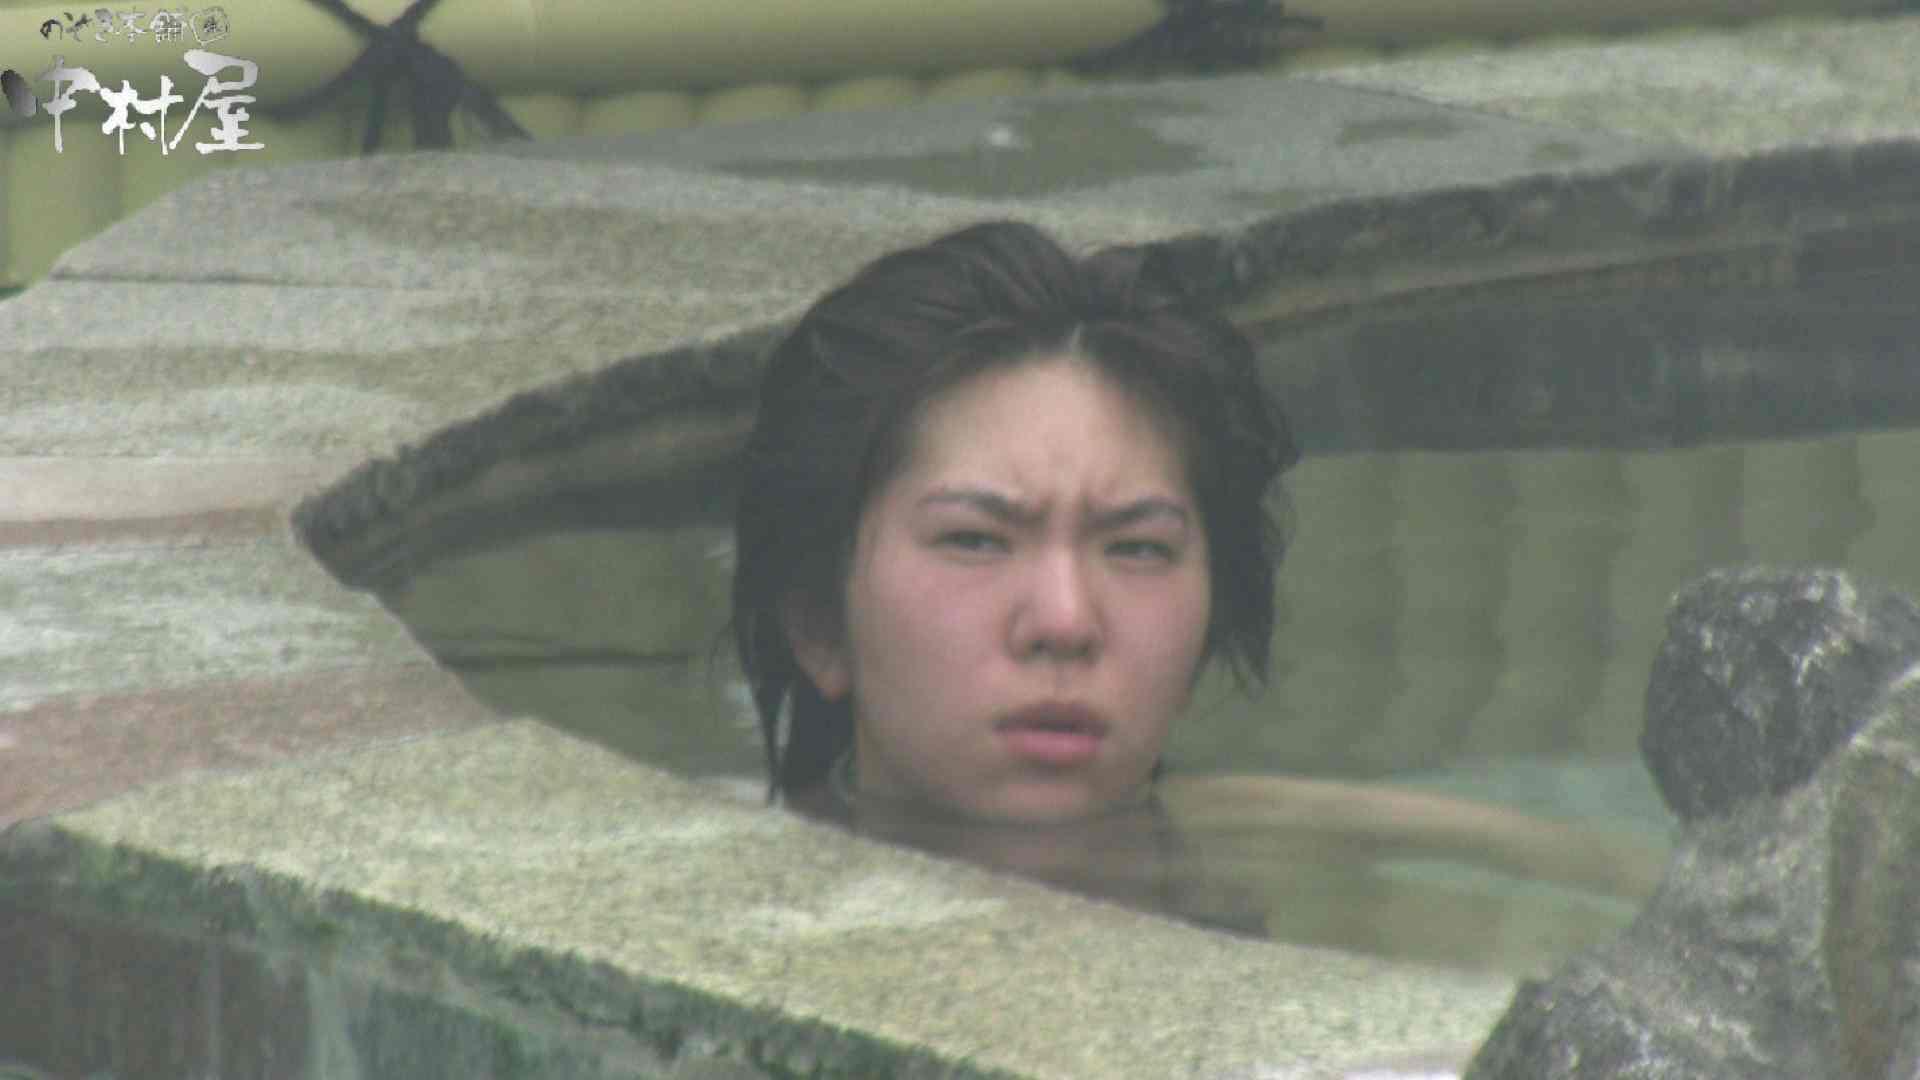 Aquaな露天風呂Vol.907 盗撮   OLのエロ生活  62連発 13